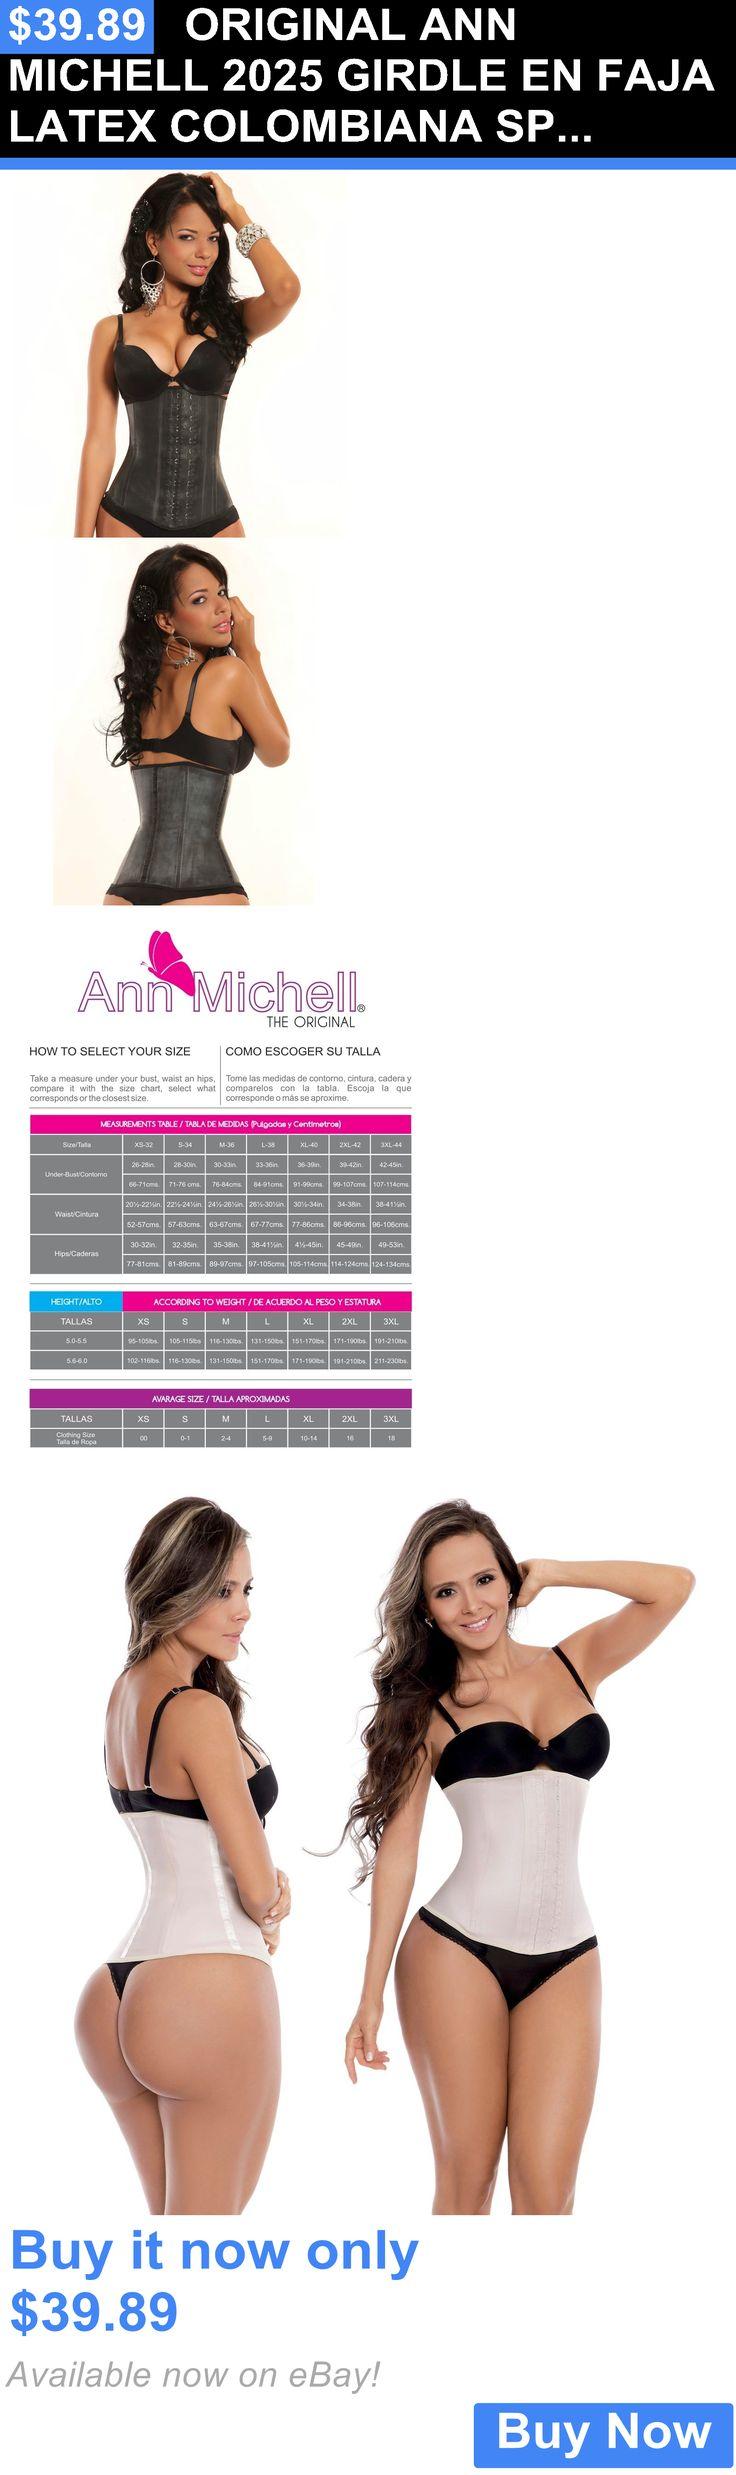 Women Shapewear: Original Ann Michell 2025 Girdle En Faja Latex Colombiana Sport Waist Cincher BUY IT NOW ONLY: $39.89